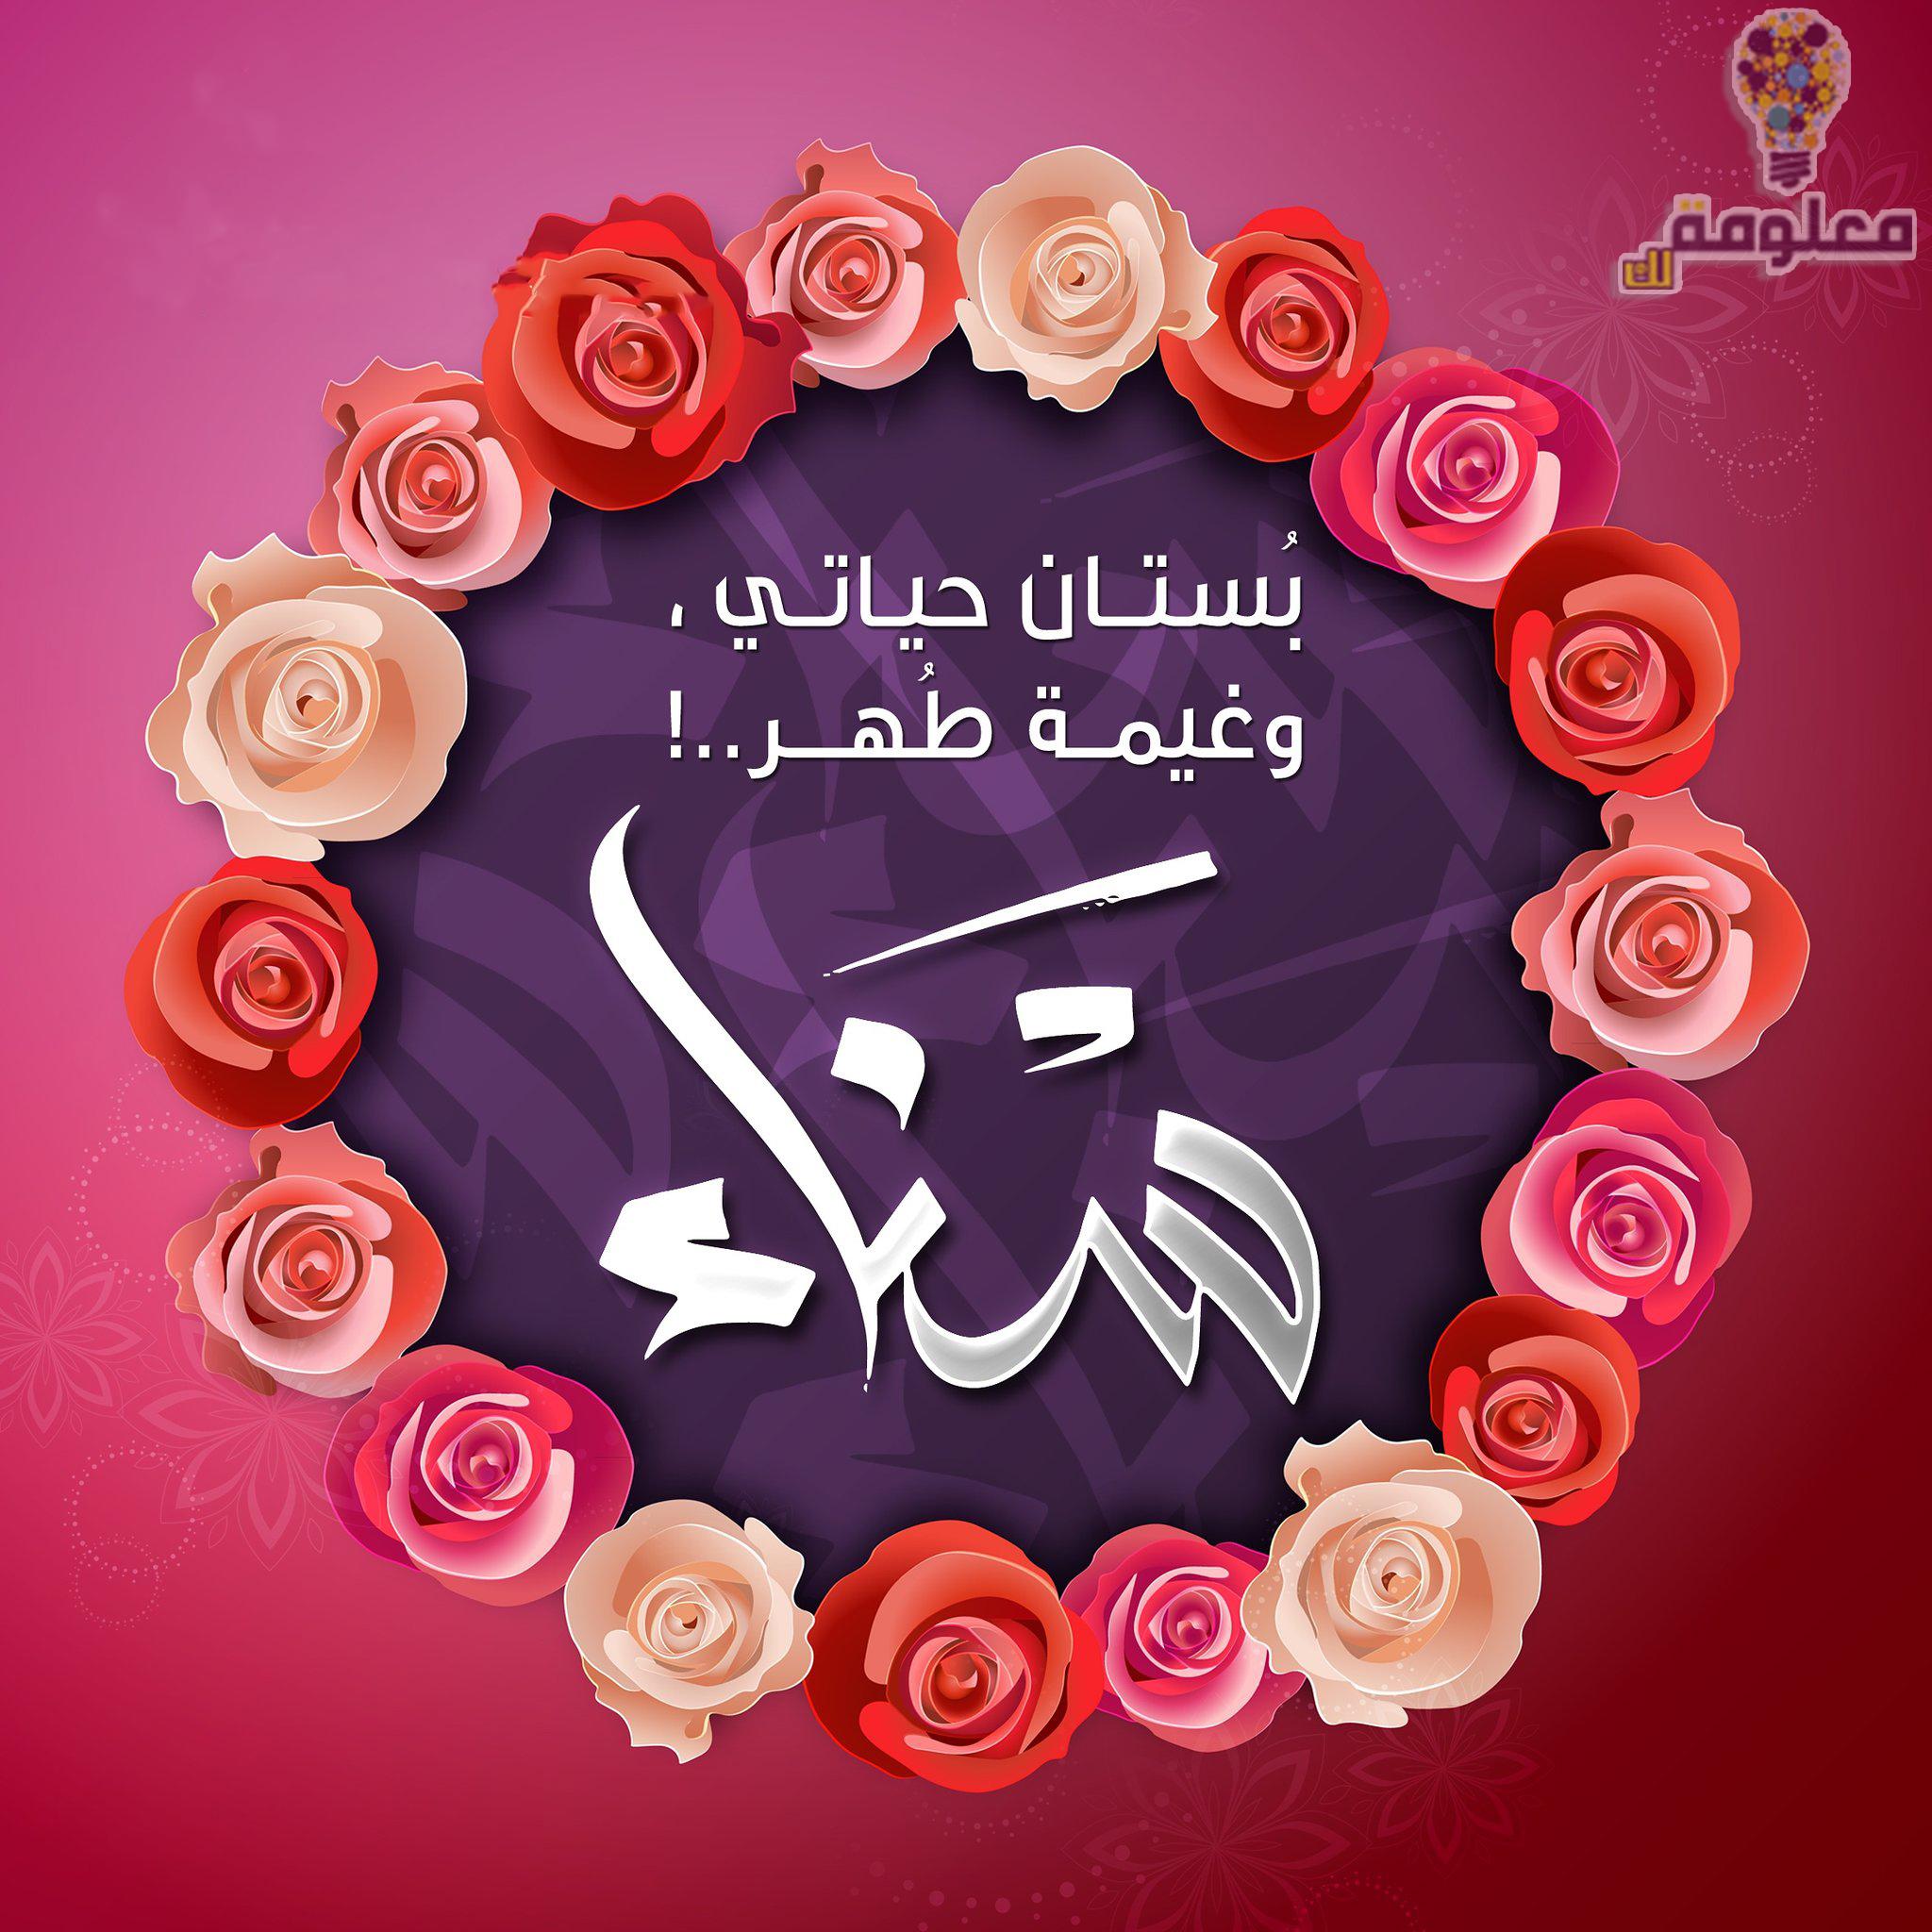 معنى اسم سناء وشخصيتها وصفات حاملة الاسم